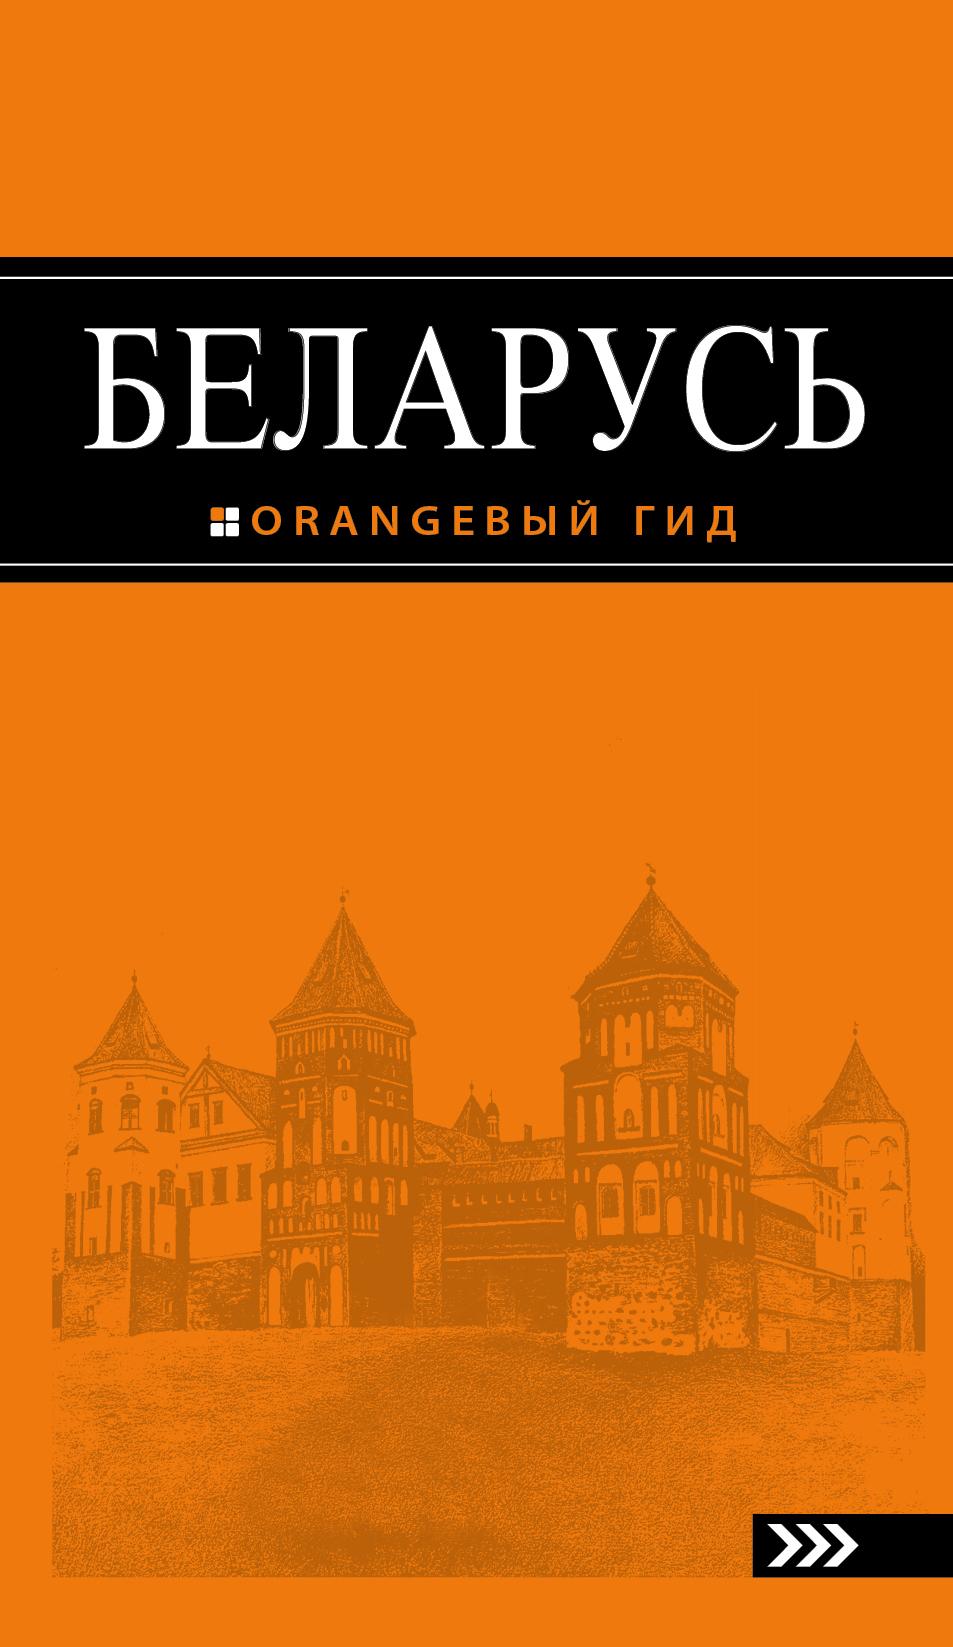 Беларусь: путеводитель семена картофеля по беларуси в минске купить